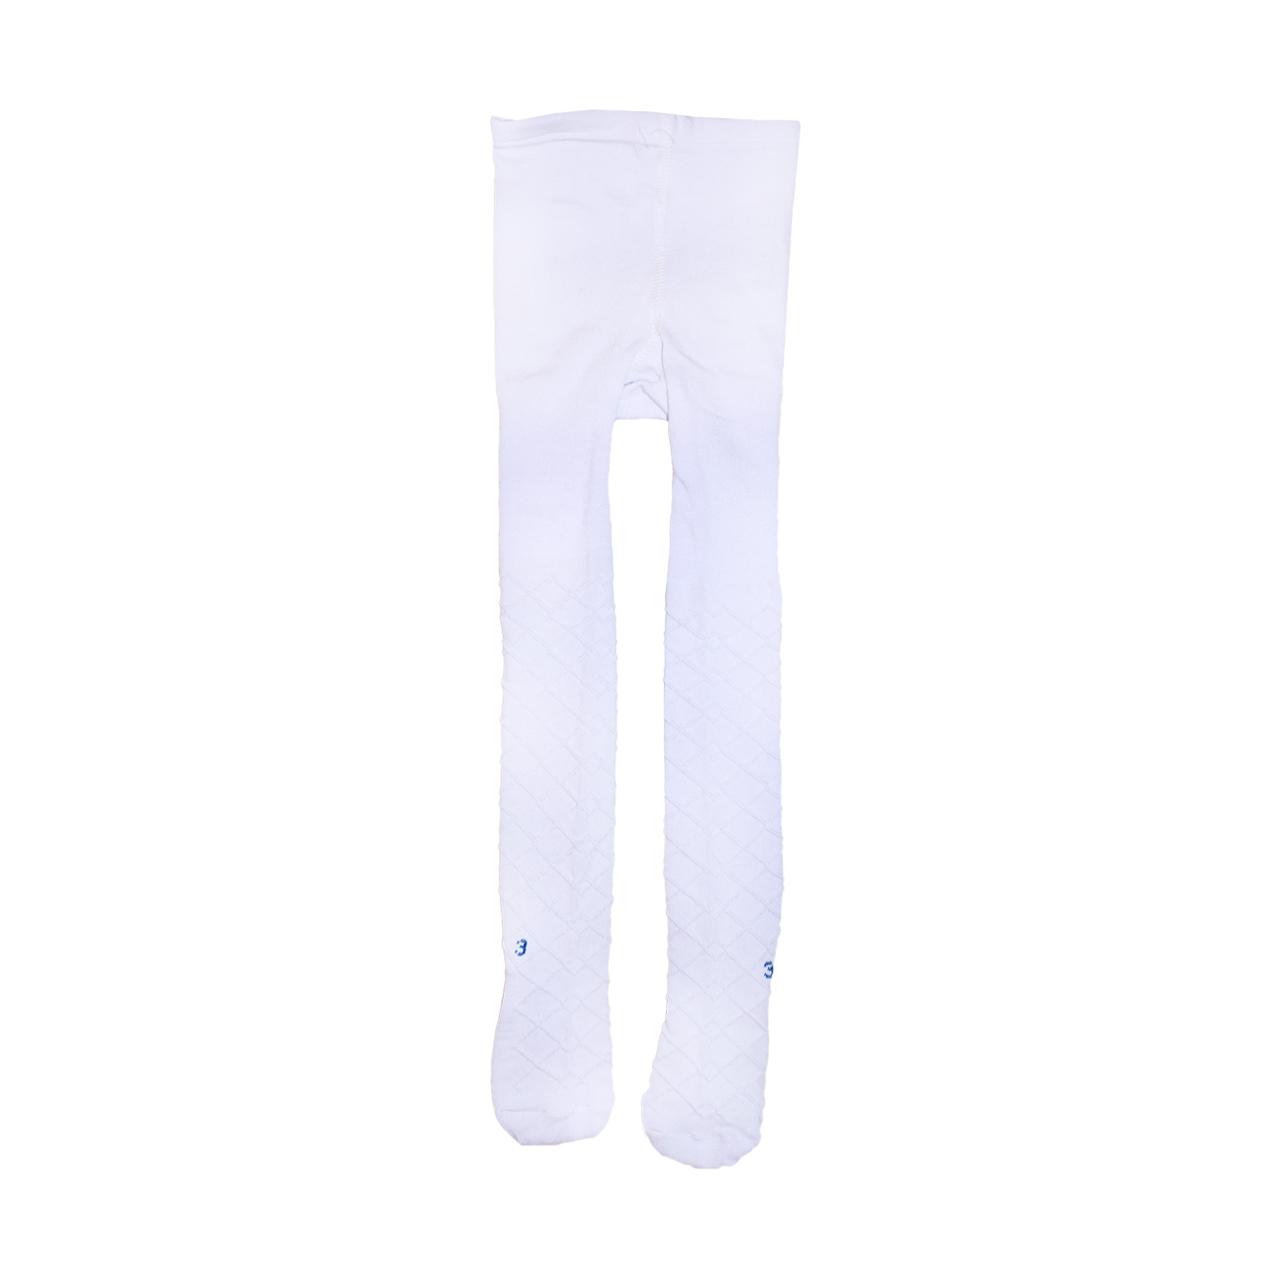 جوراب شلواری بچگانه کنعان مدل قاصدک طرح 06